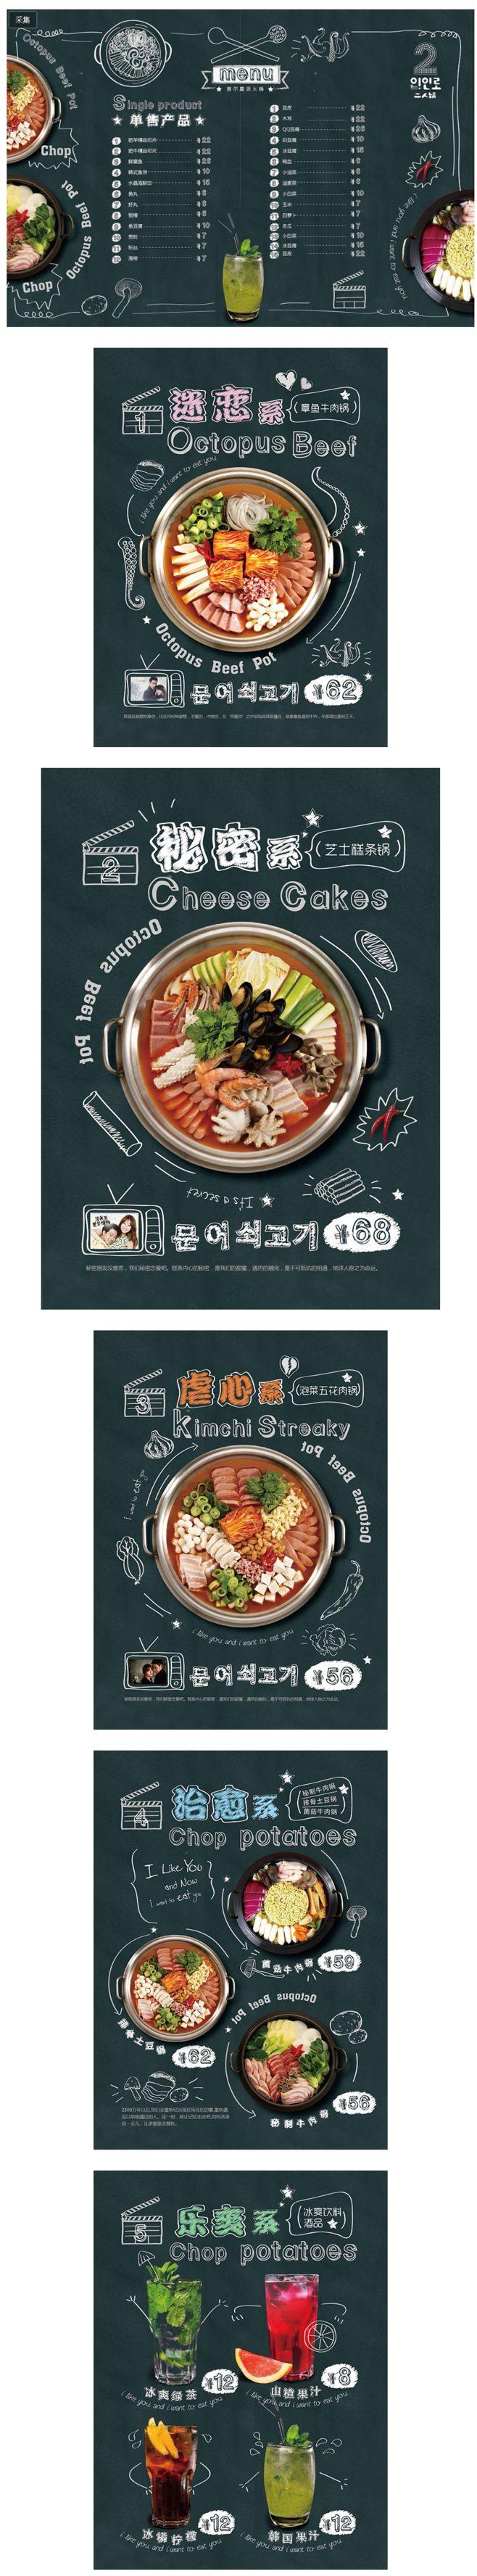 二人锅 菜单设计|DM/宣传单/平面广告...